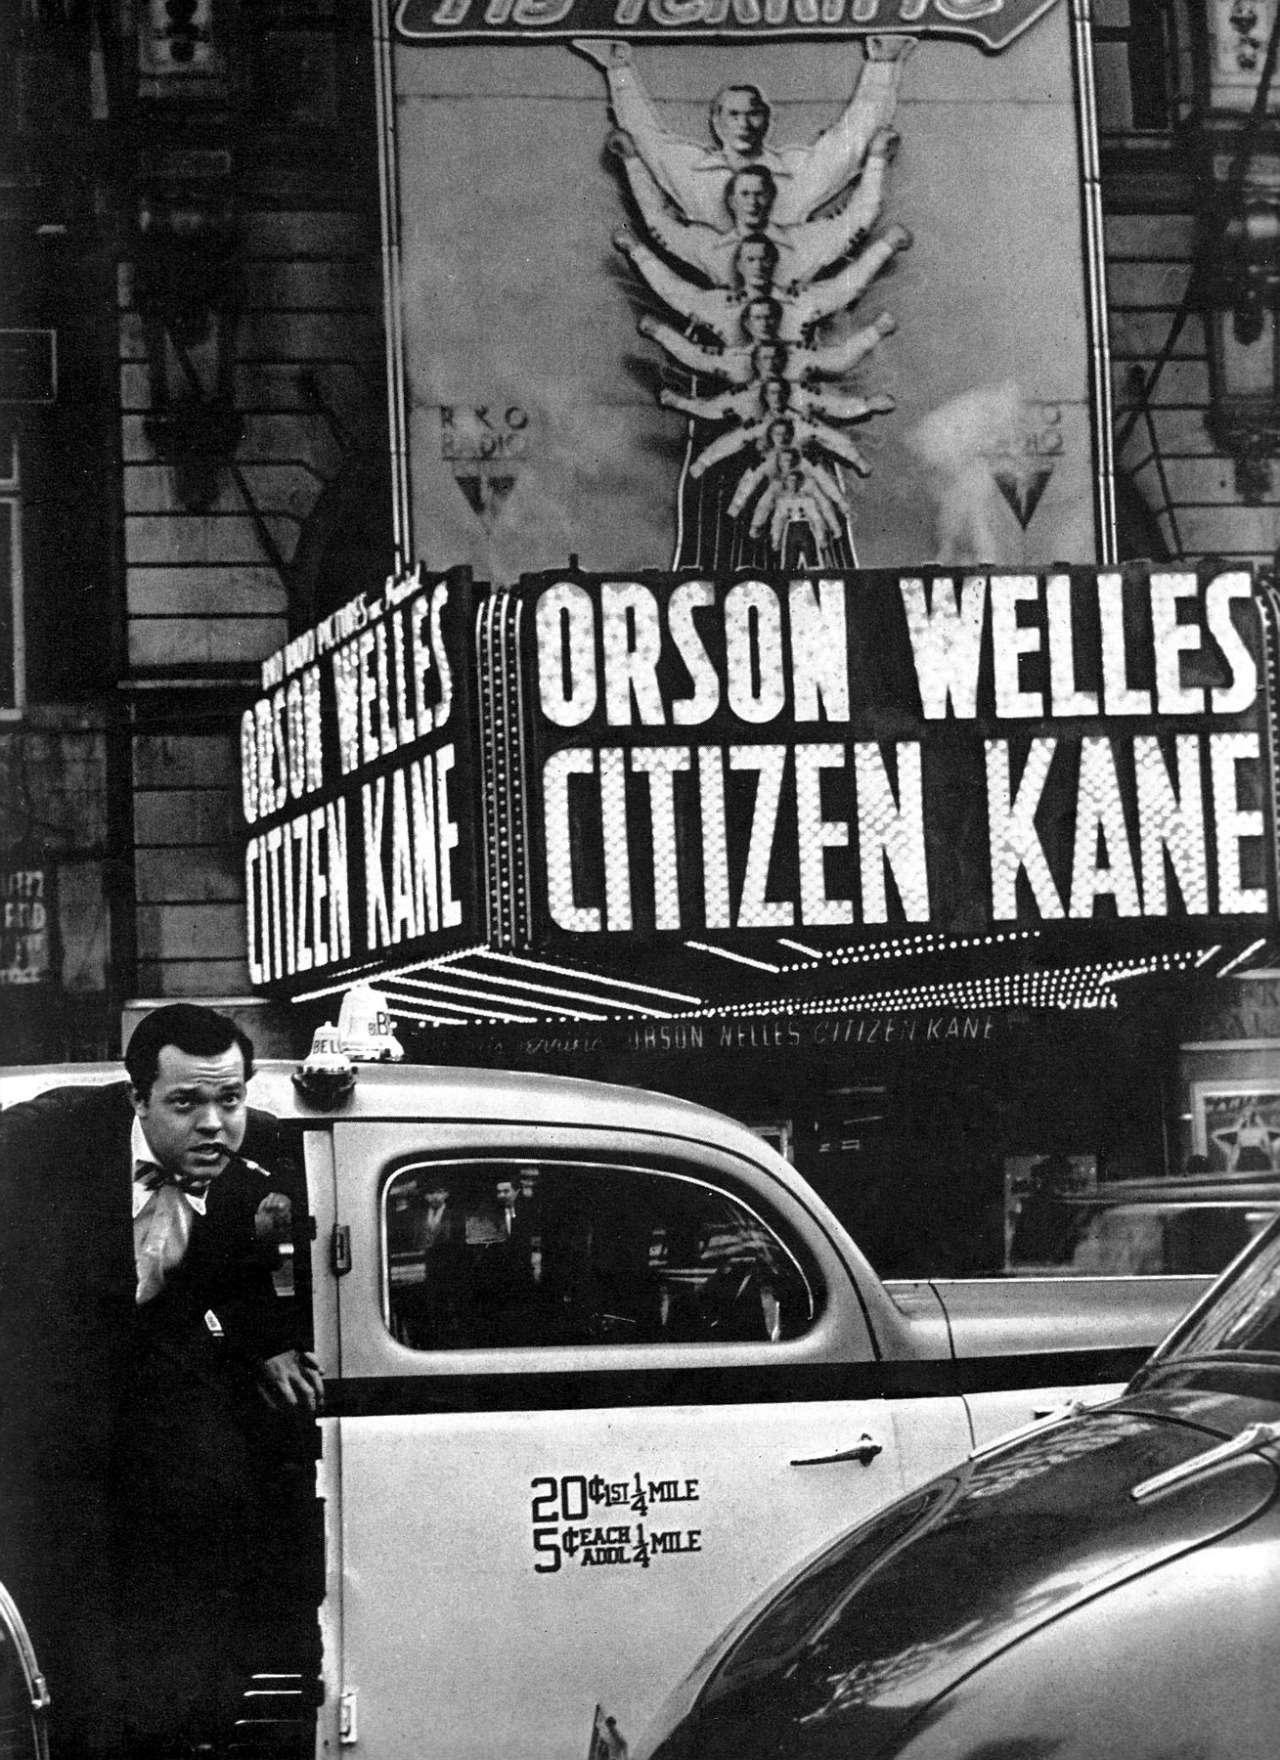 Ο Orson Welles έξω από σινεμά που παίζει την ταινία του